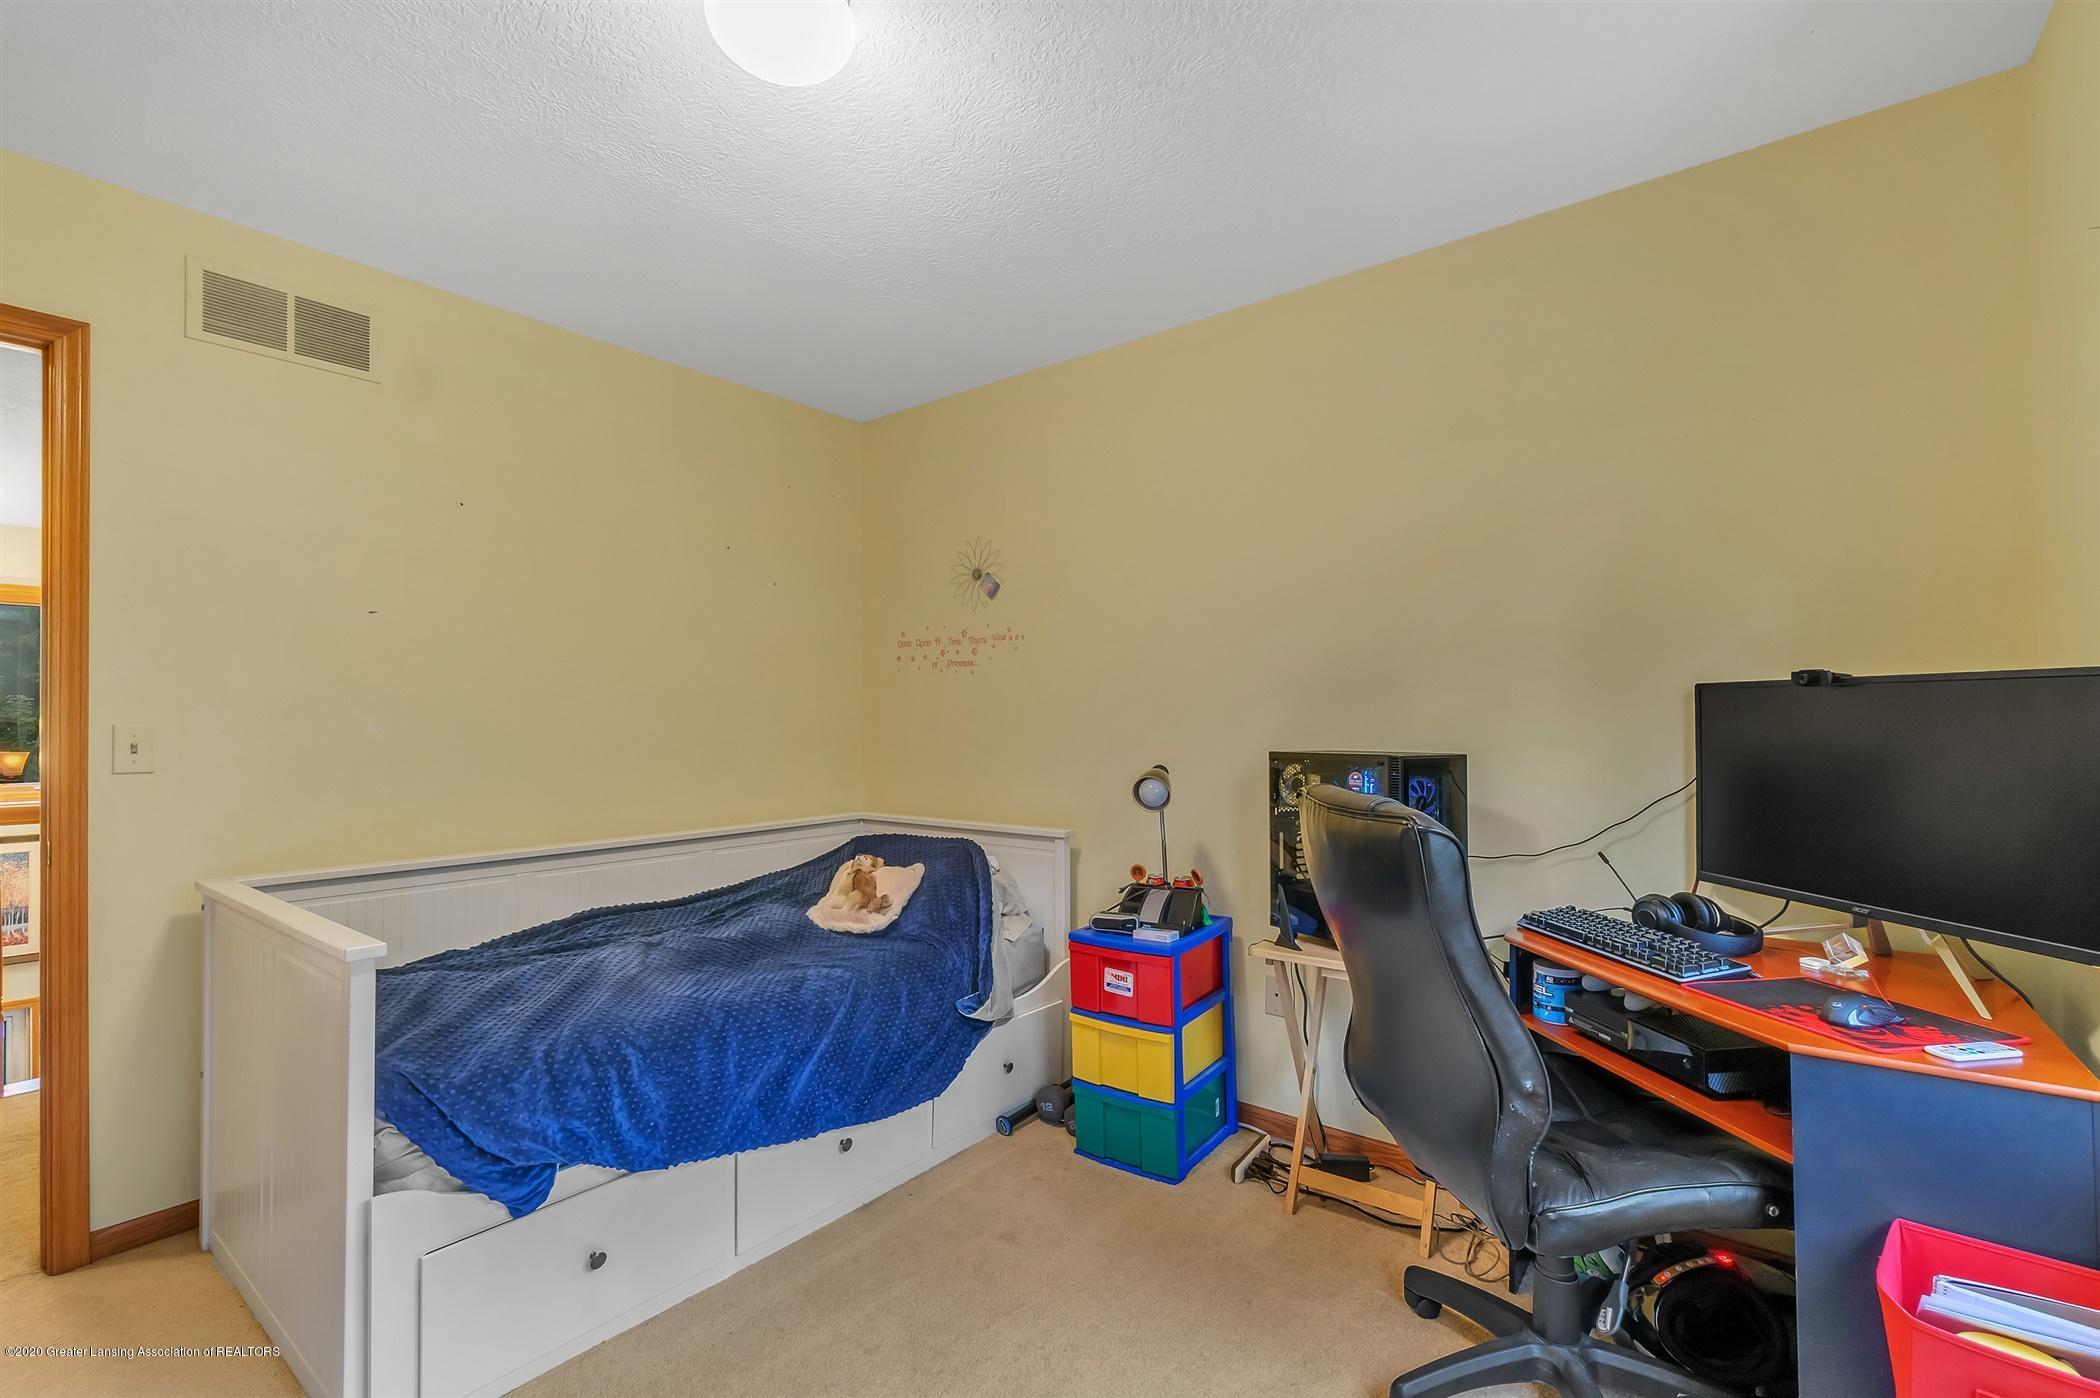 11910 Schavey Rd - 41-11910 Schavey Rd.-windowstill-re - 41